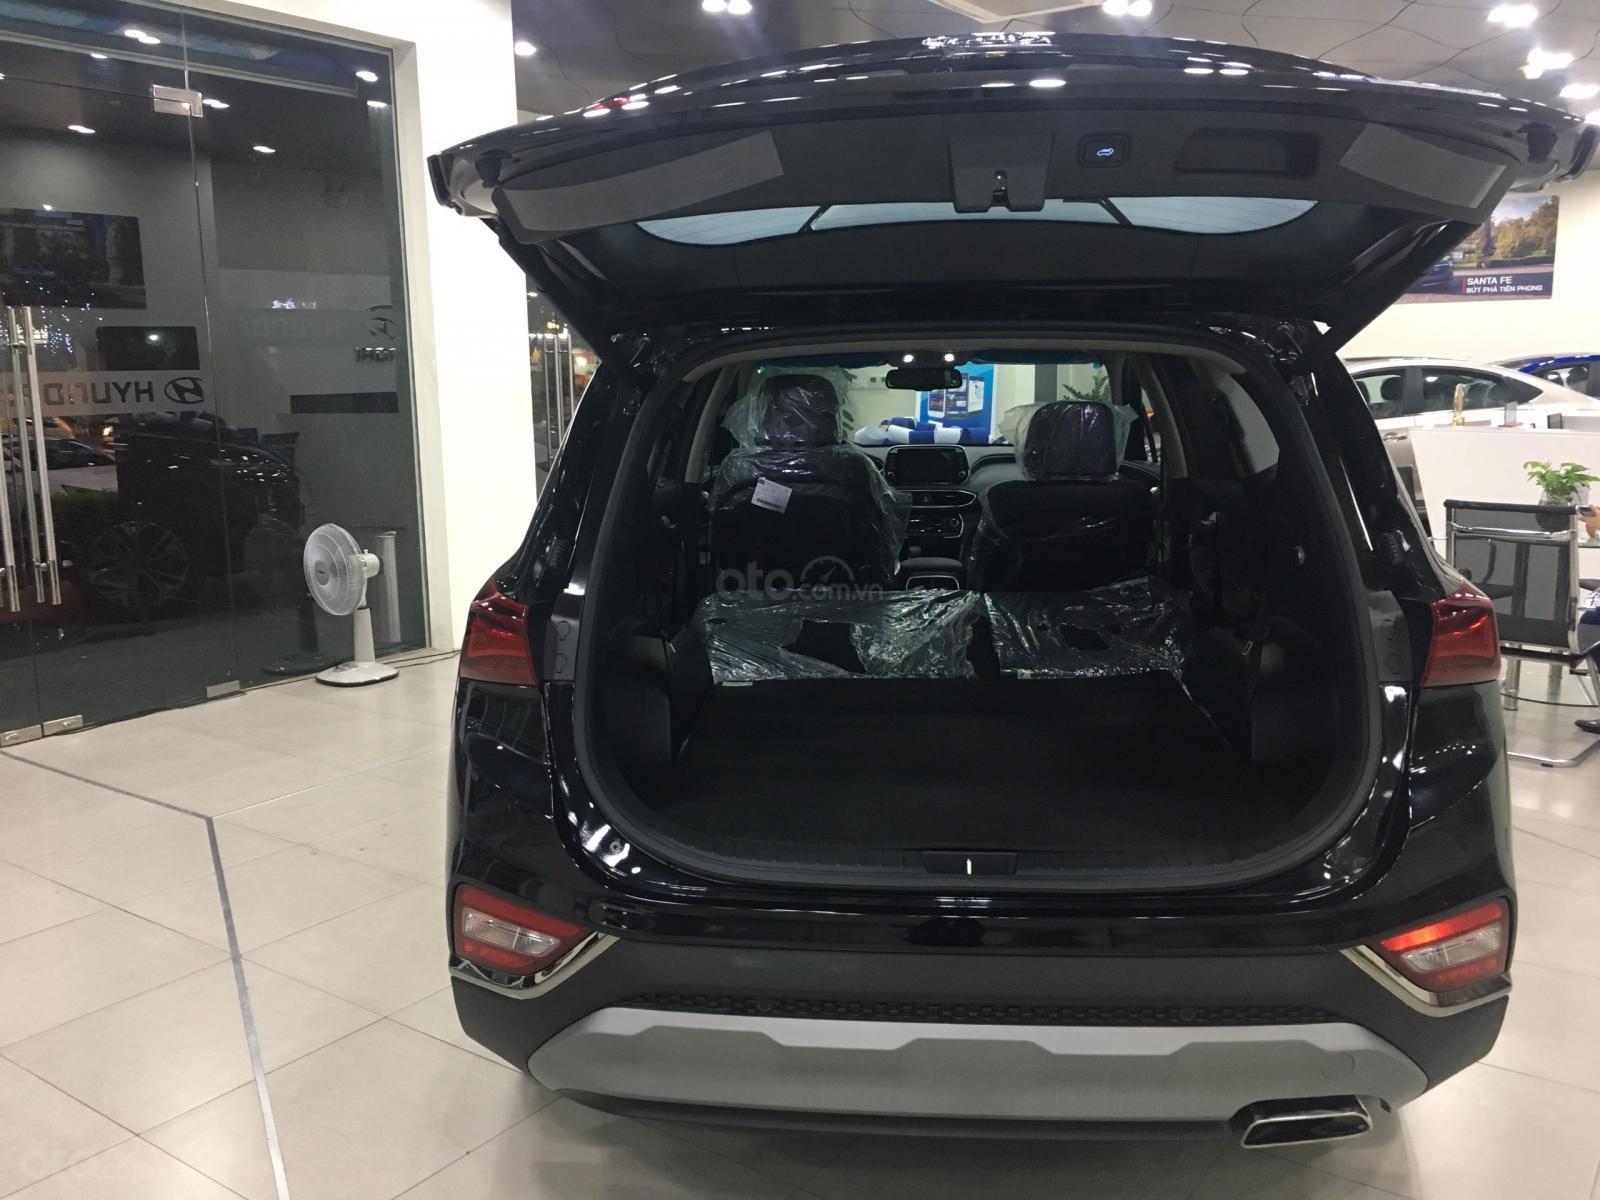 Hyundai Santa Fe bản đặc biệt, sẵn xe giao ngay, giá cực tốt, KM khủng trả góp chỉ 250tr nhận xe (2)